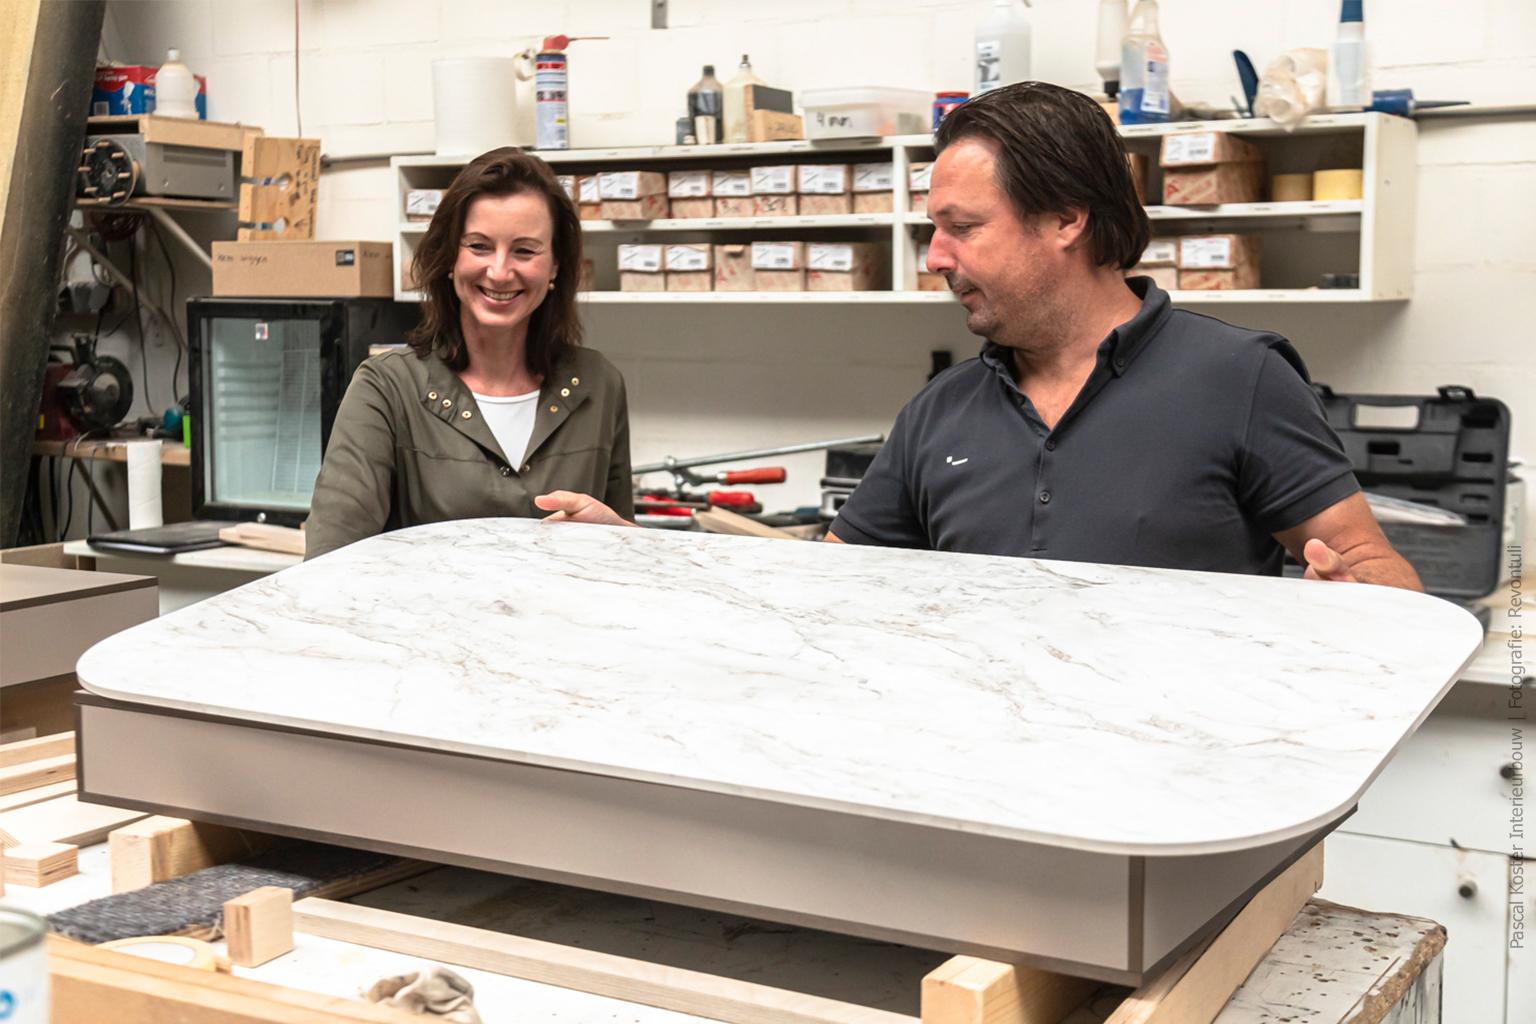 Juliëtte en Pascal in de werkplaats van Pascal Koster Interieurbouw